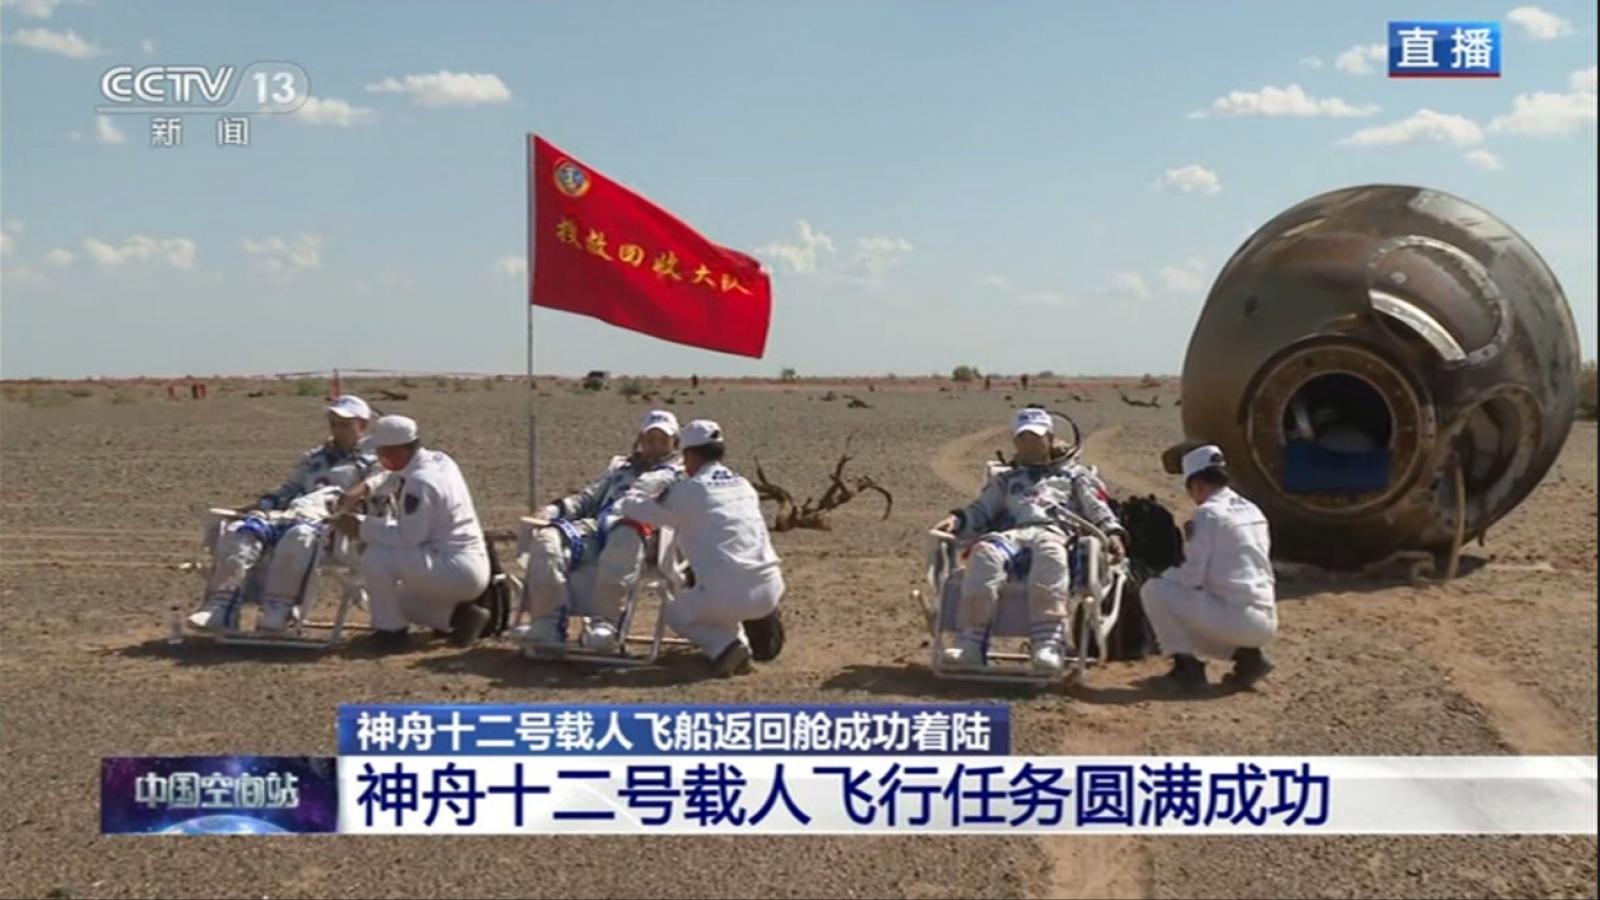 Phi hành đoàn Thần Châu-12 (Trung Quốc) trở về trái đất an toàn